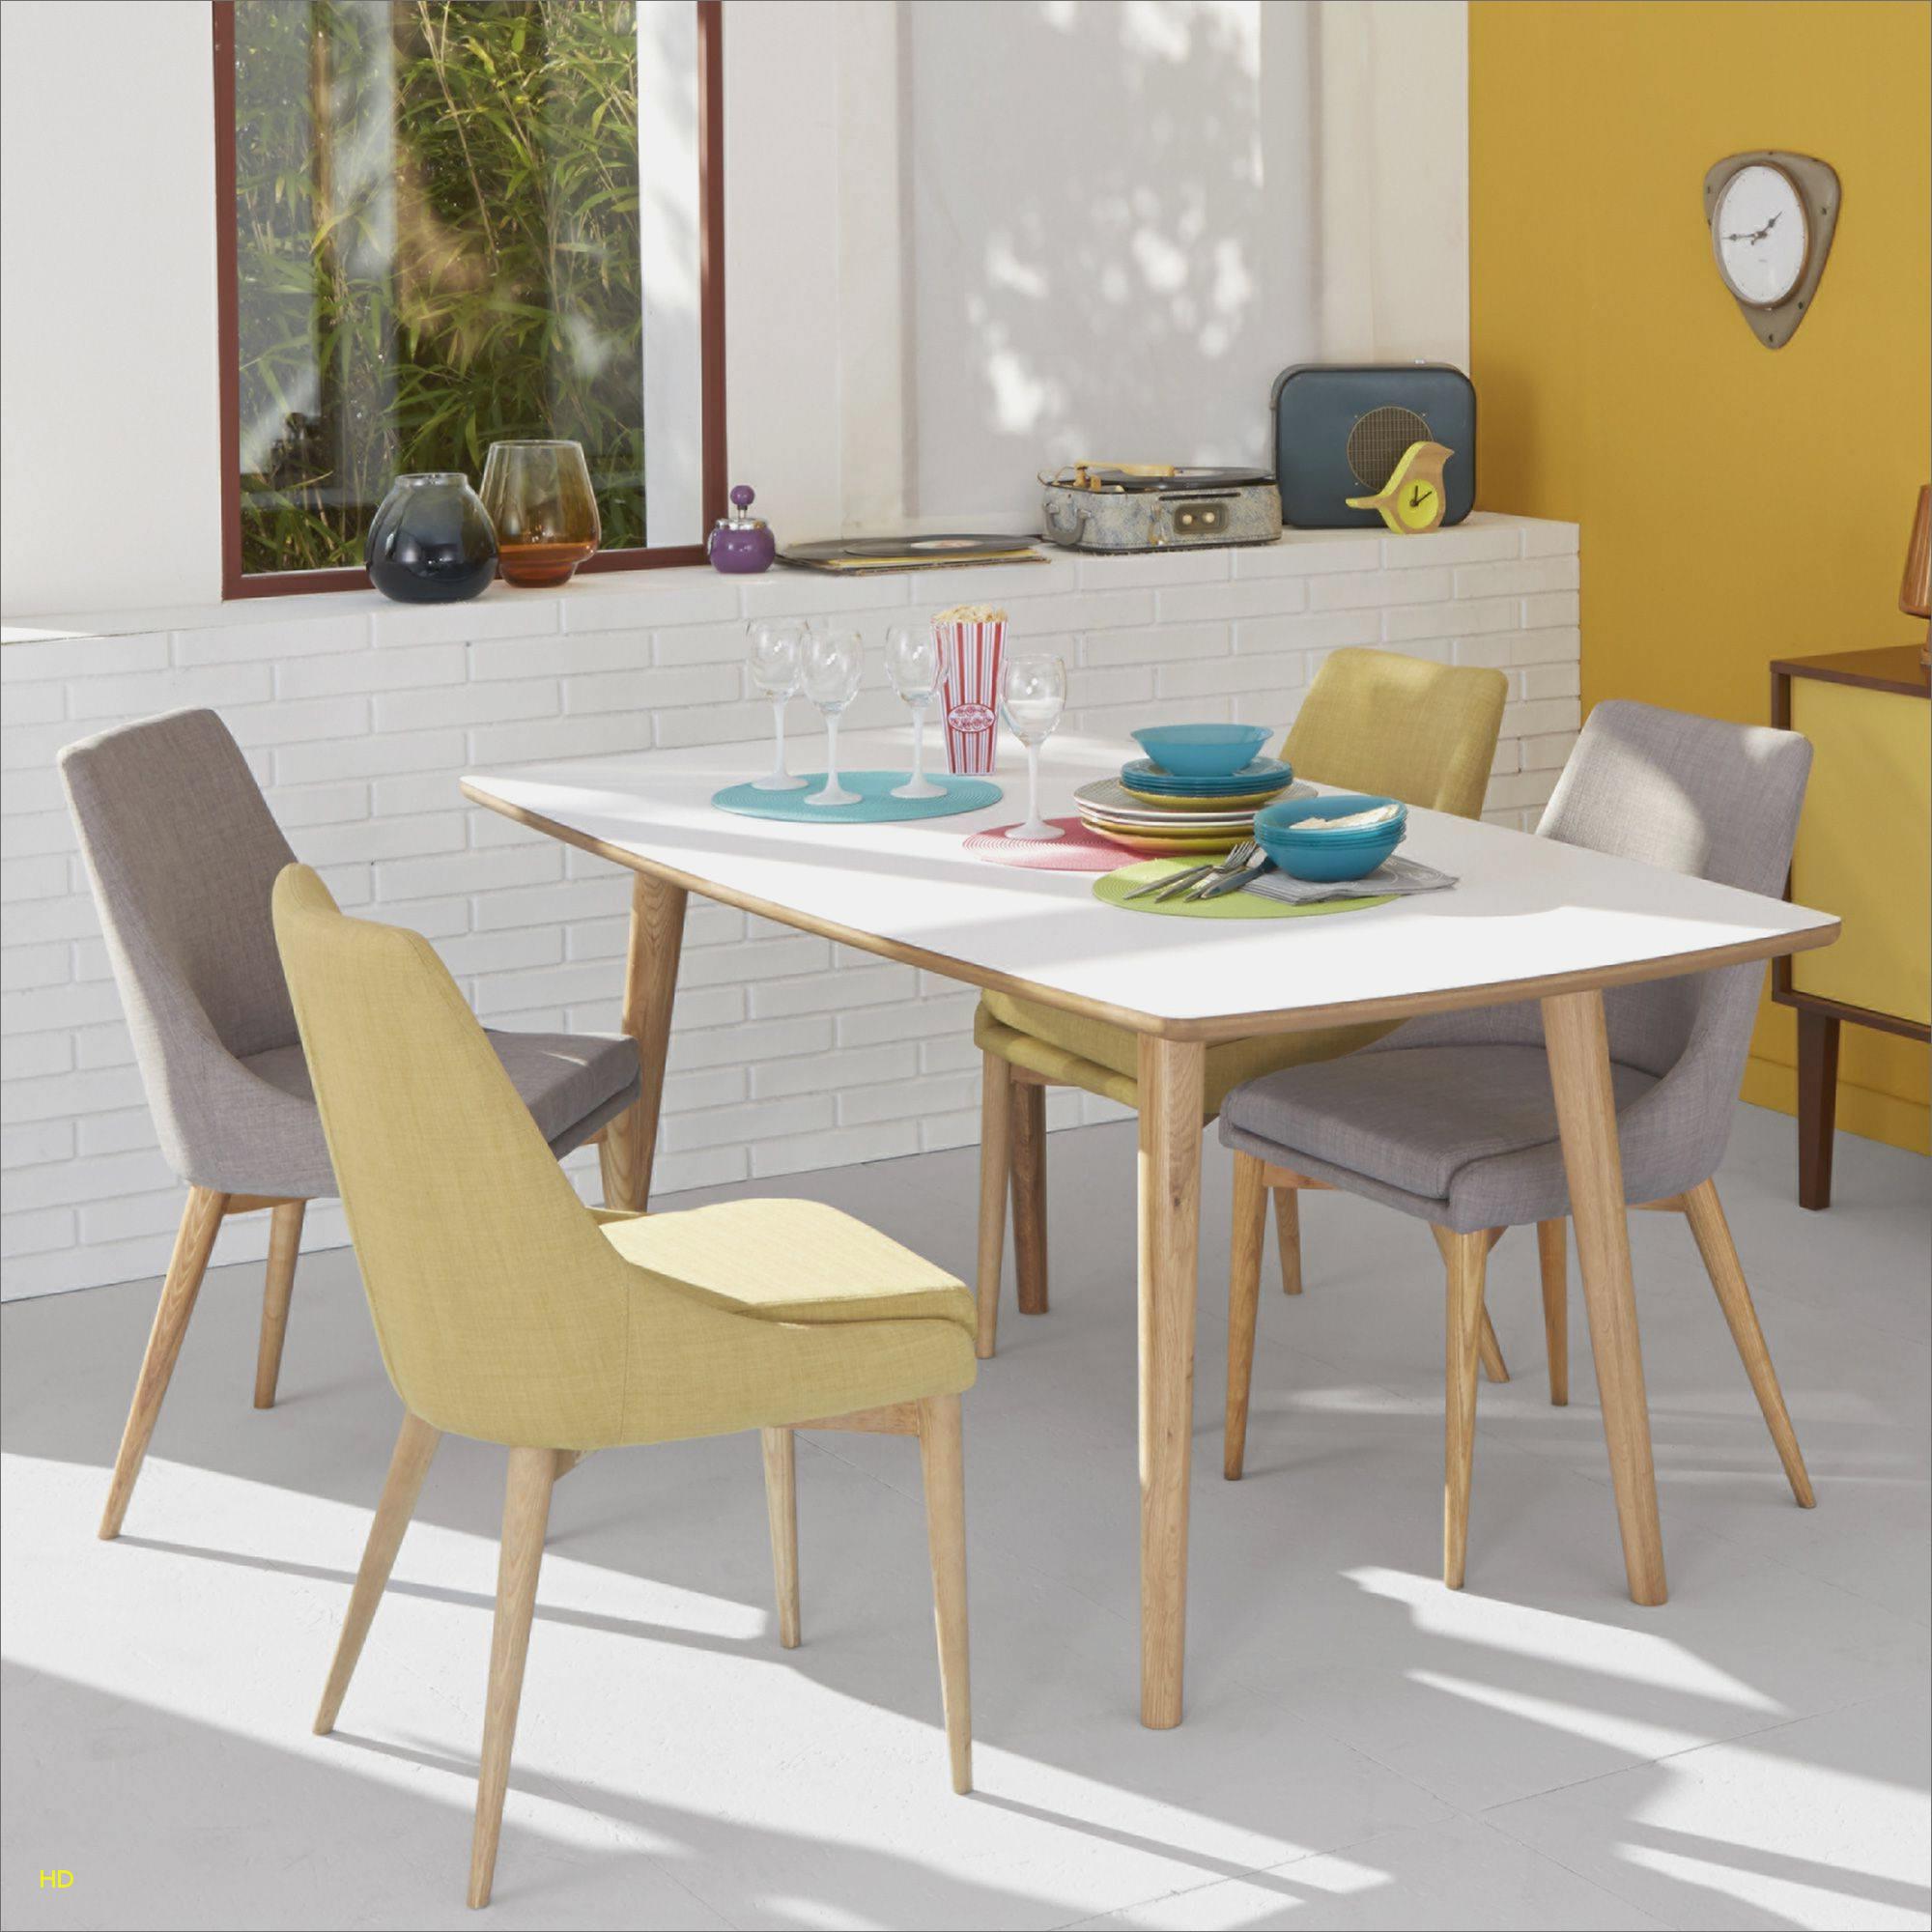 chaise moderne de salle a manger beau table et chaises cuisine charmant alinea chaise moderne de salle manger beau table et chaises cuisine alinea galerie avec ment choisir of